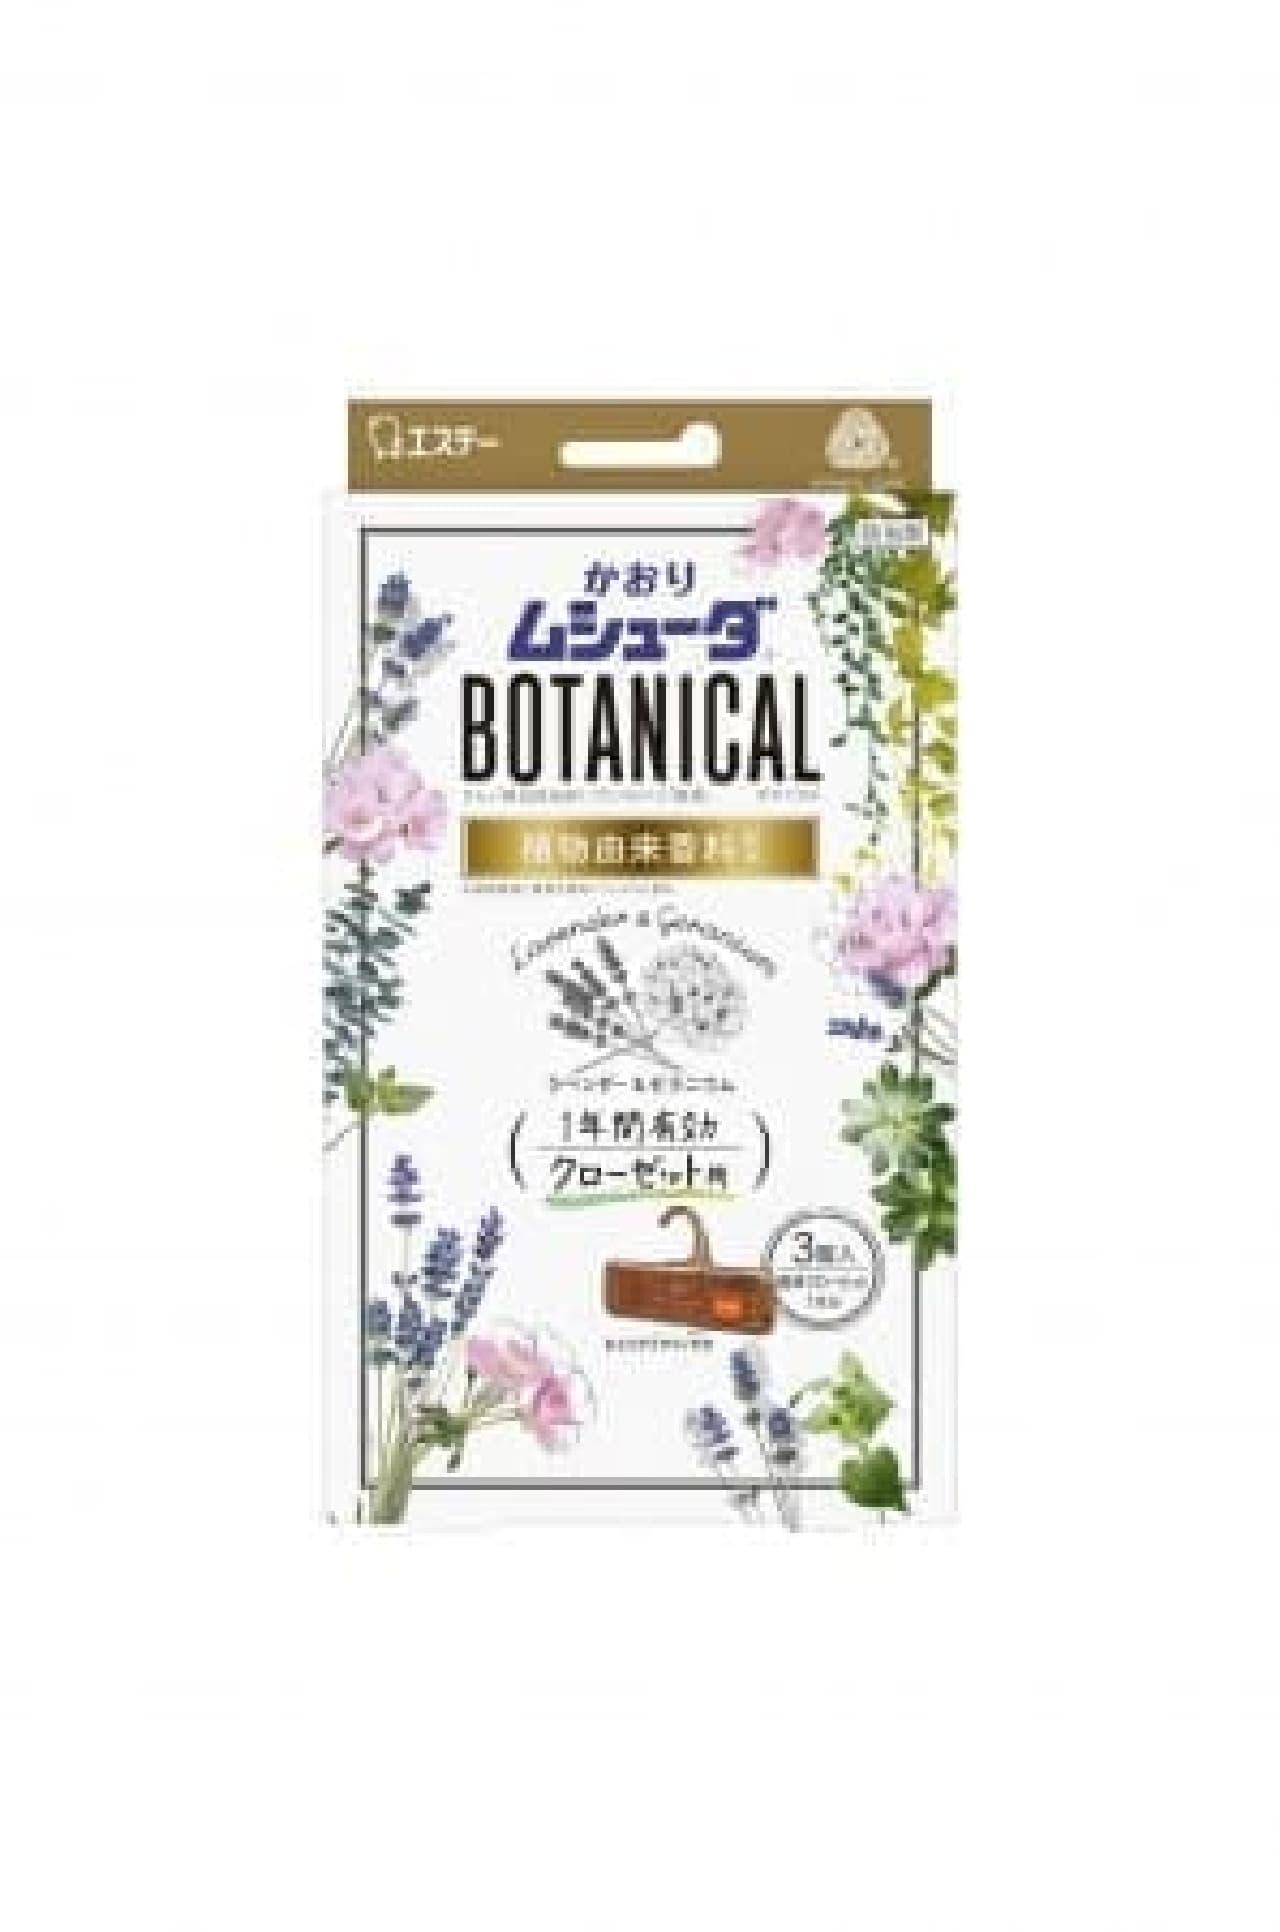 かおりムシューダ BOTANICAL(ボタニカル)